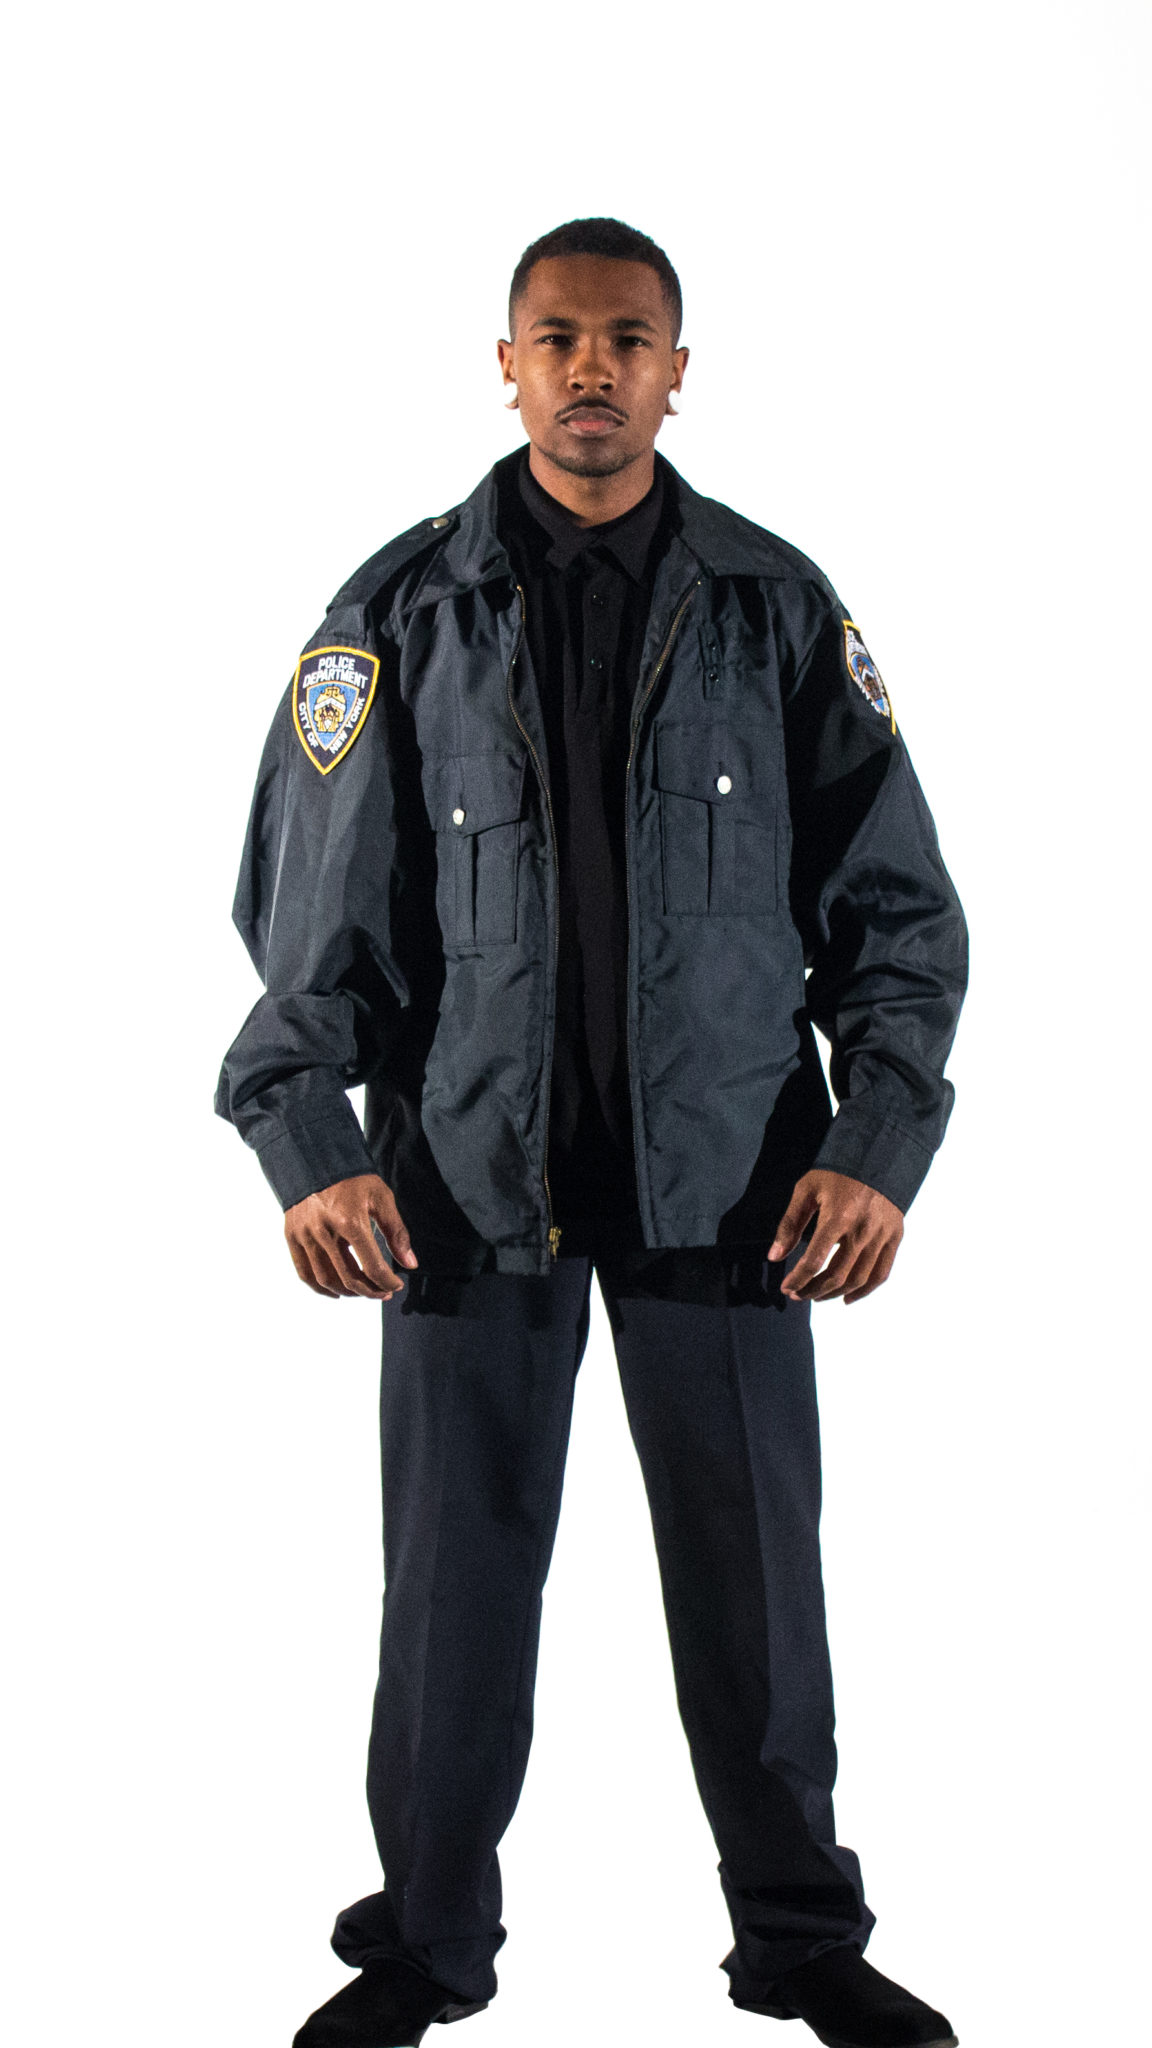 Police Jacket Rentals